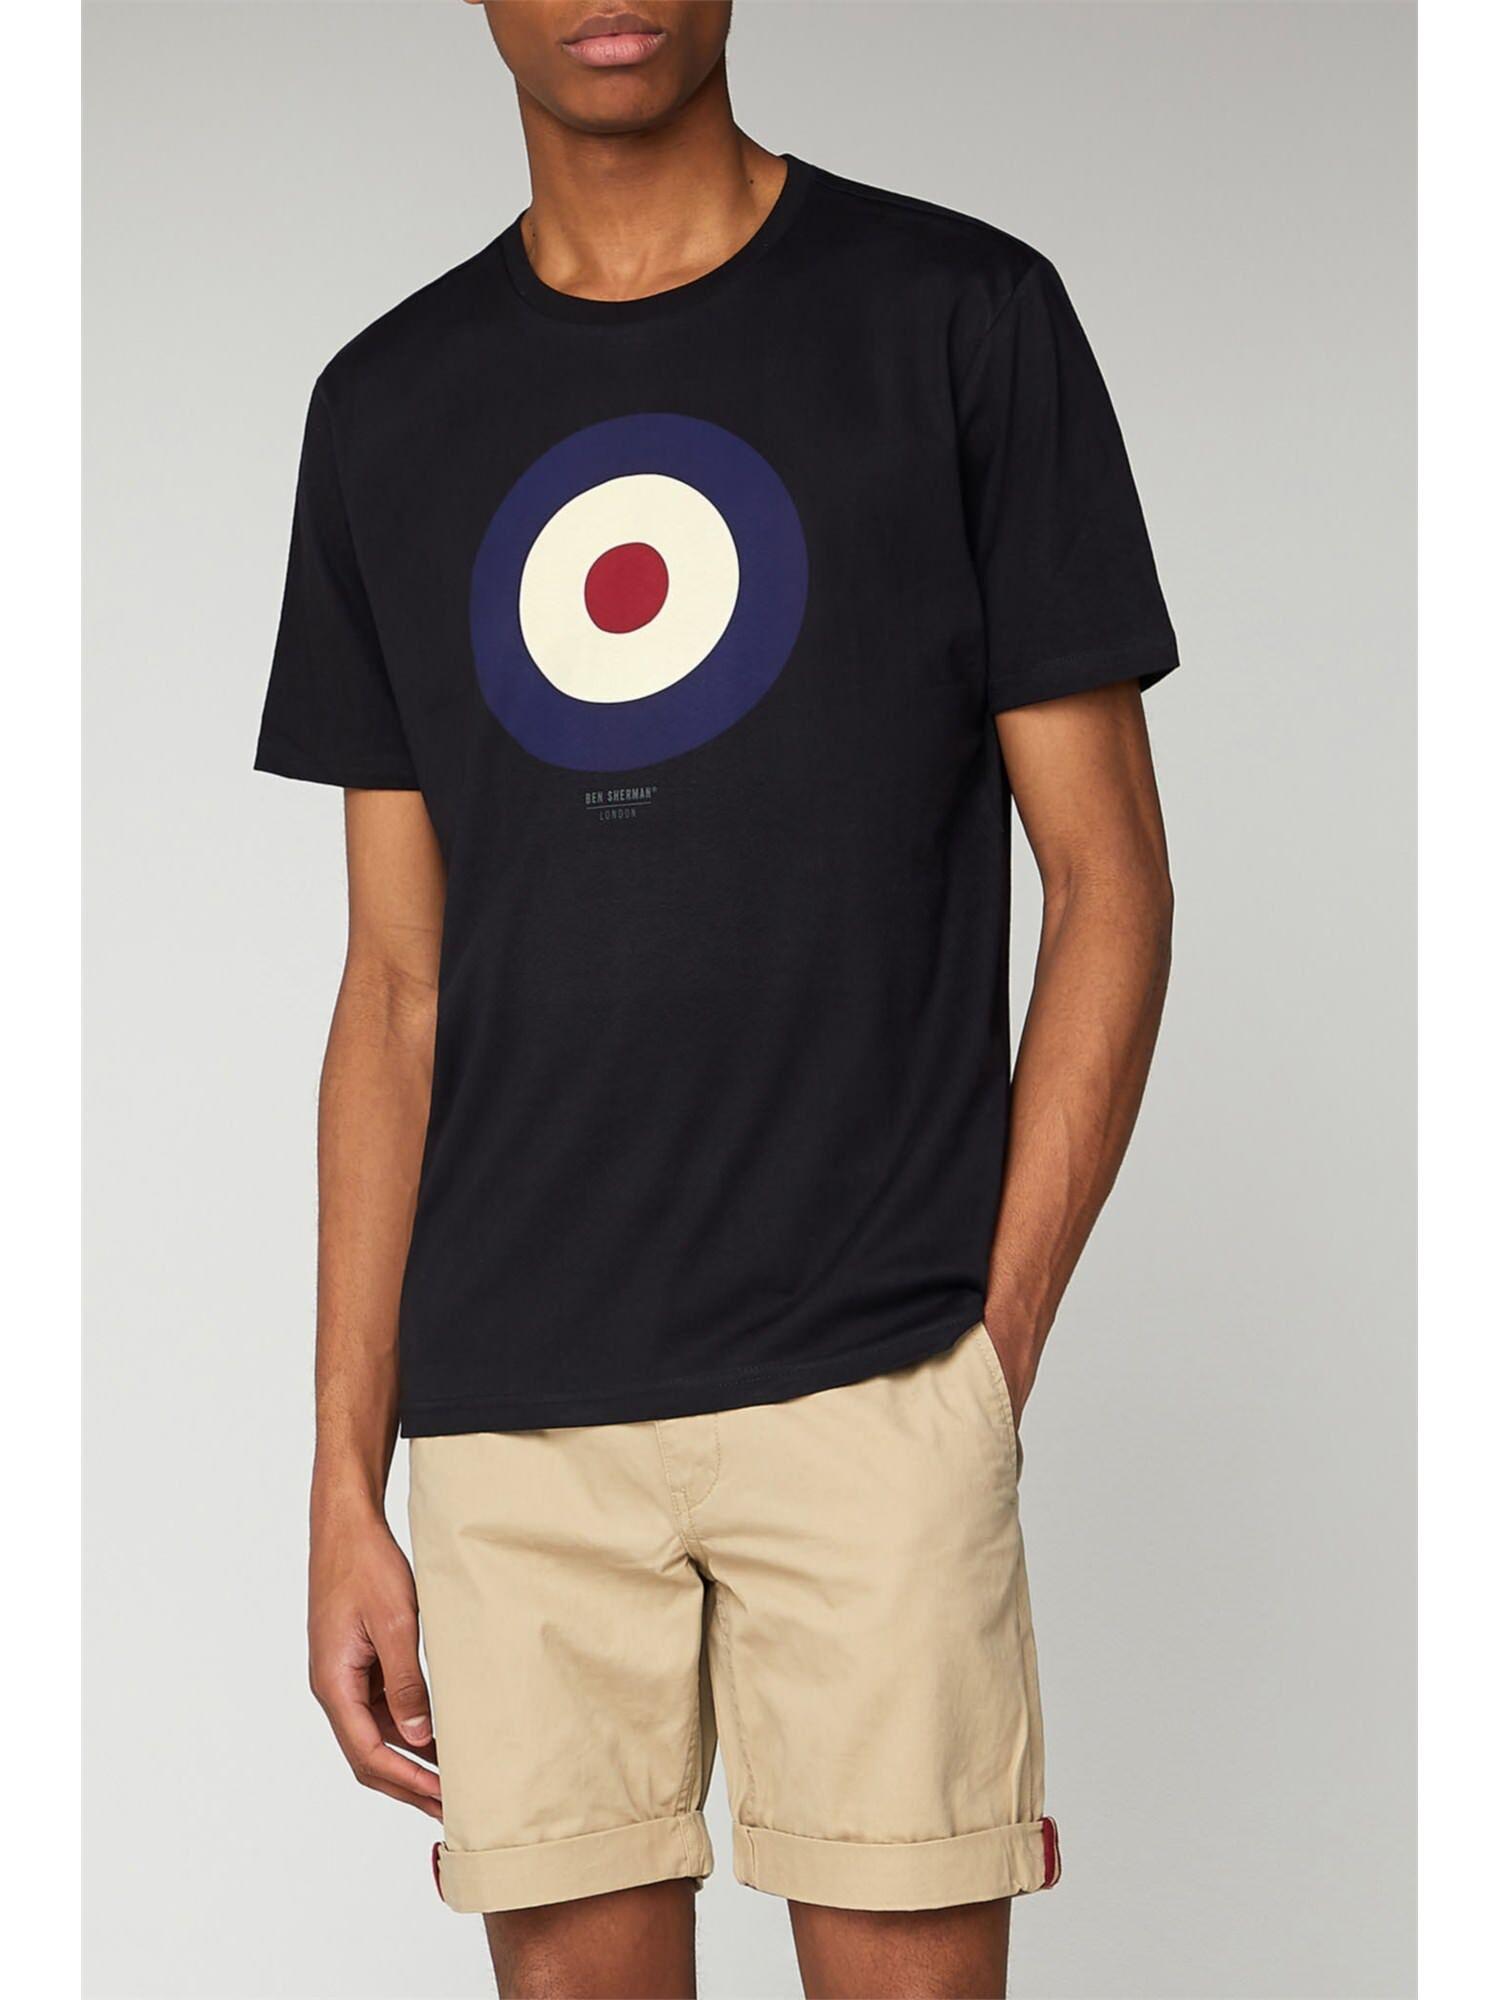 Ben Sherman Target T-Shirt Sml Black